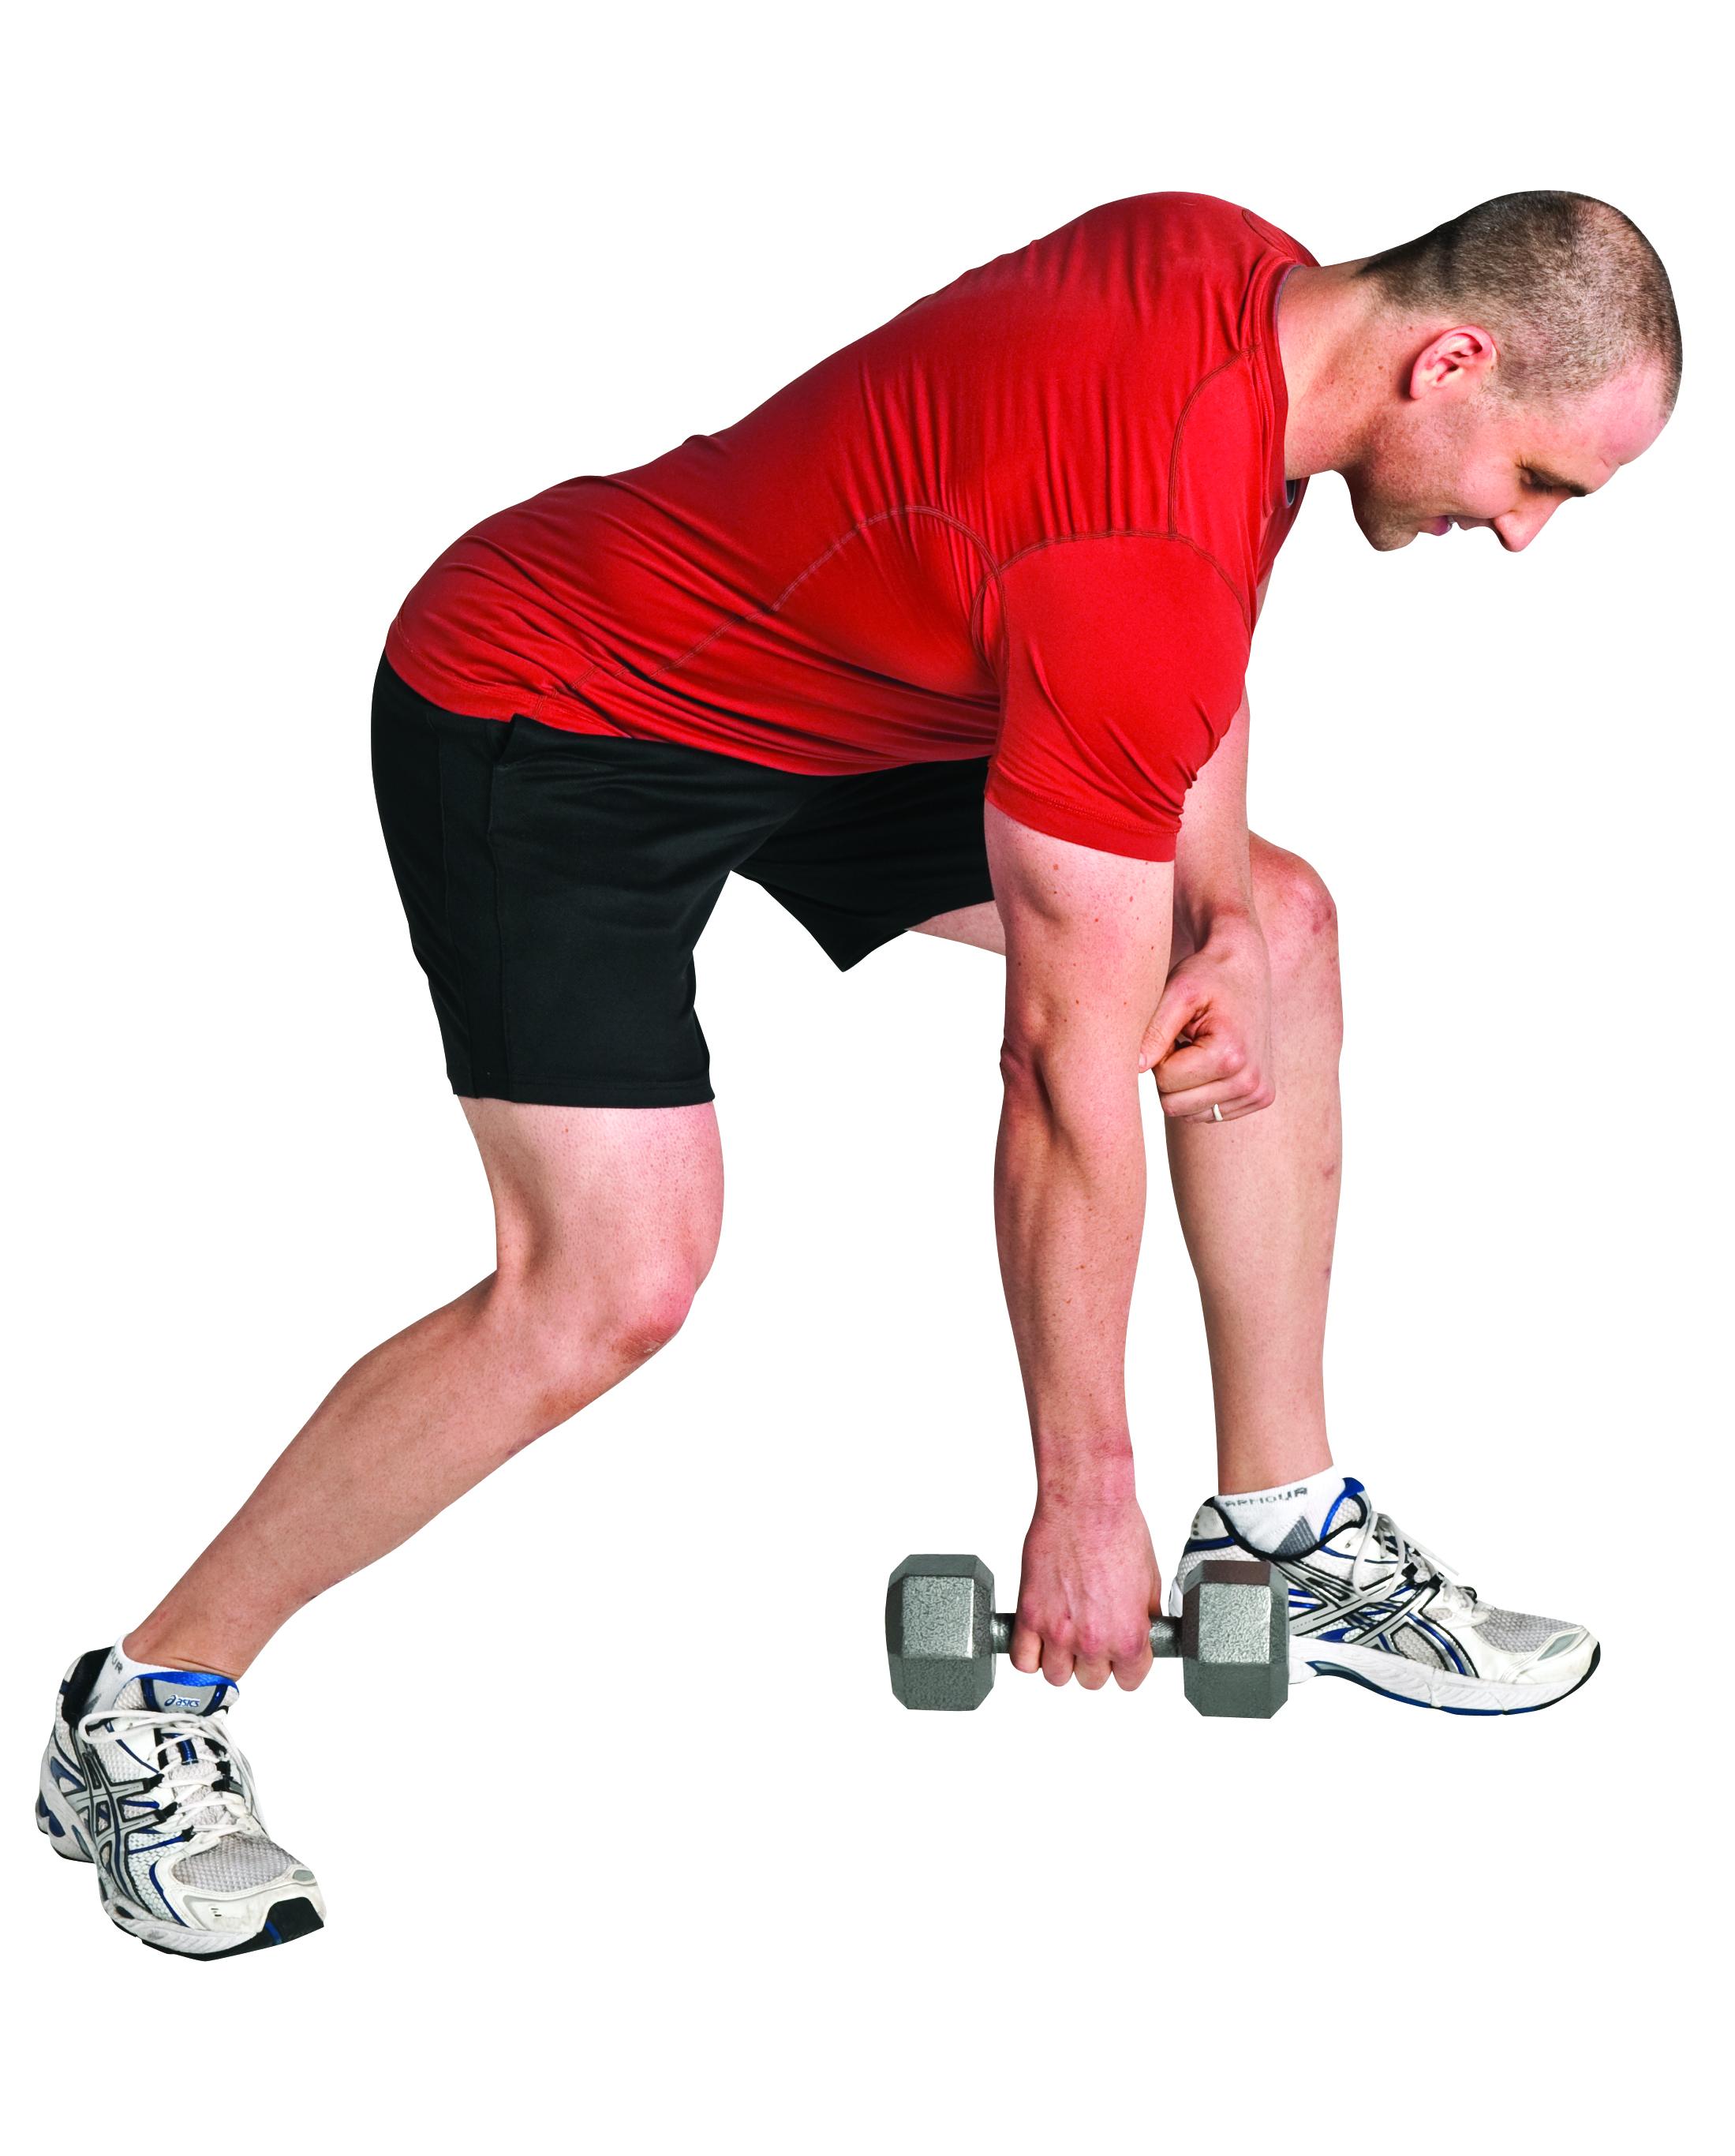 BSA Fitness Twisting Row 1